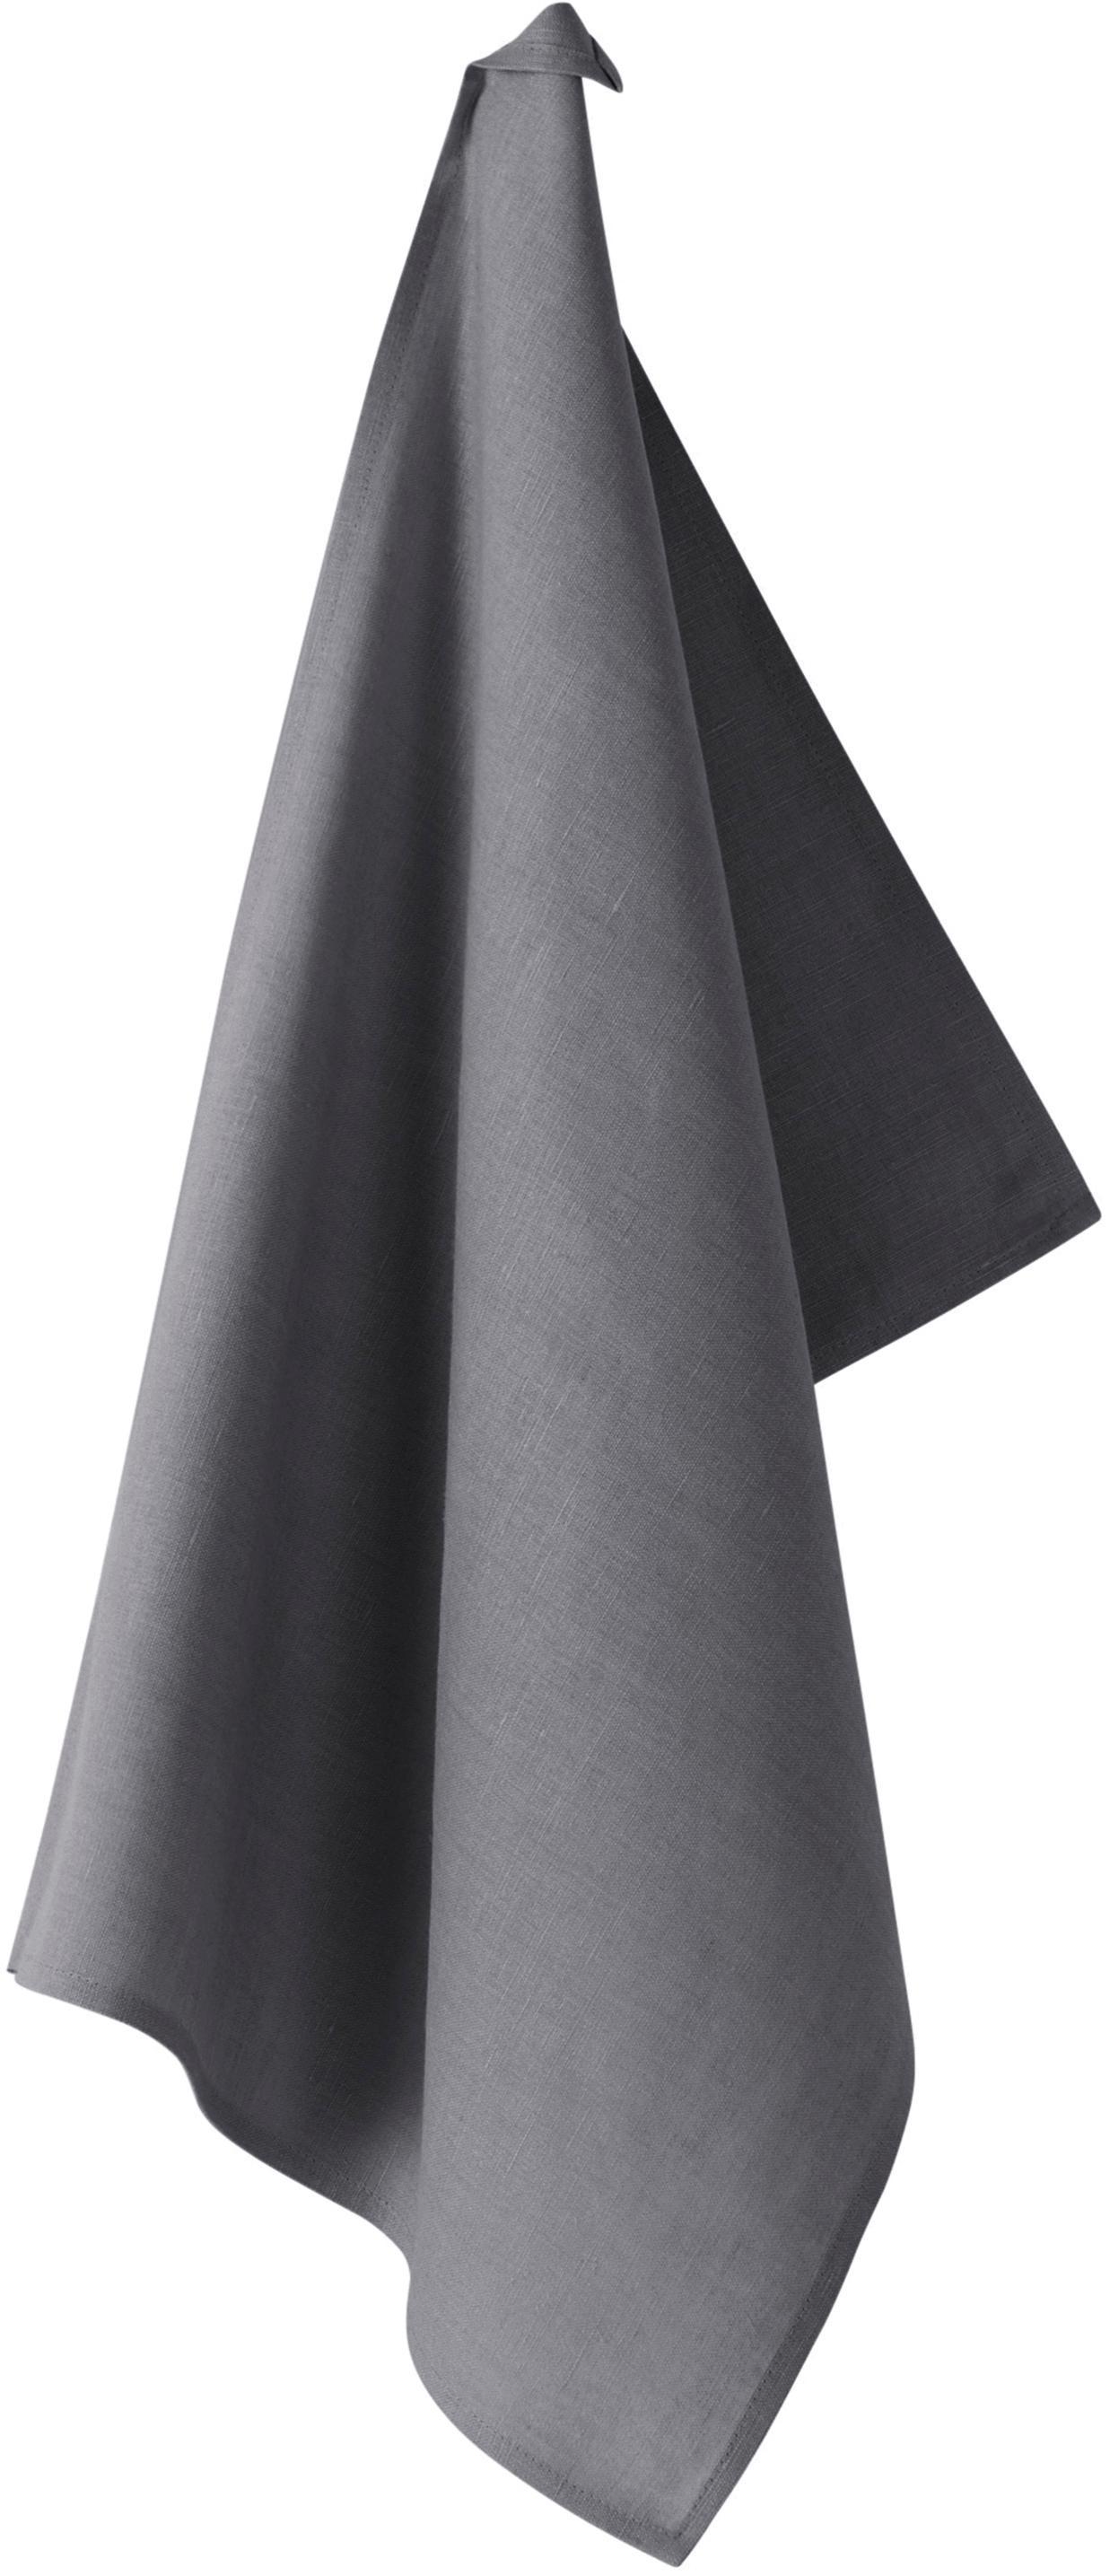 Leinen-Geschirrtuch Hermia, 57% Leinen, 43% Baumwolle, Dunkelgrau, 50 x 70 cm